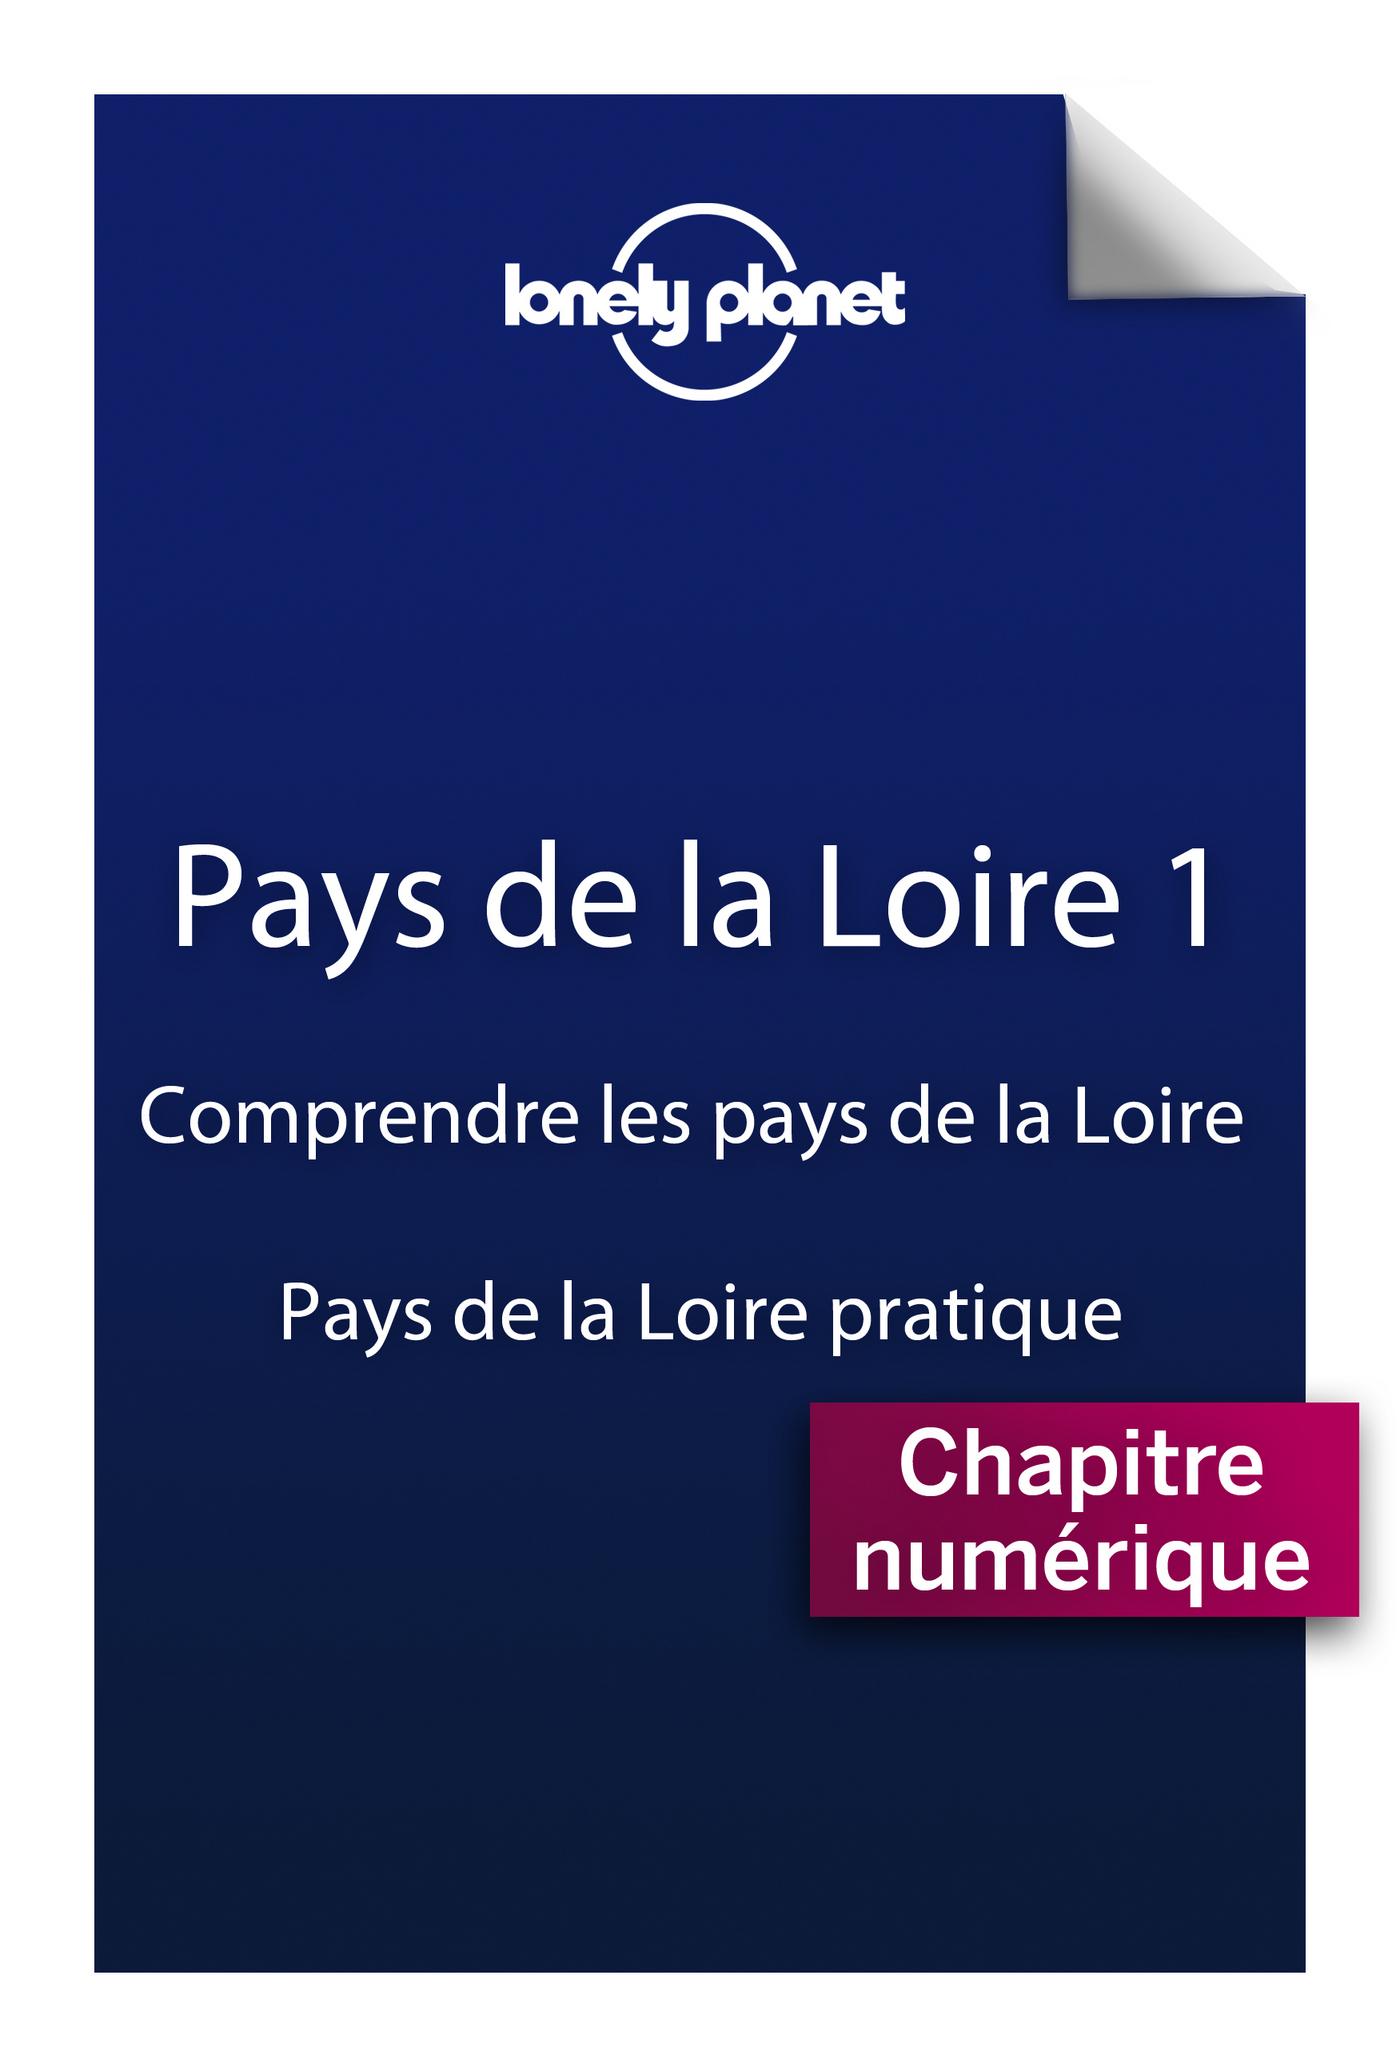 Pays de la Loire 1 - Comprendre La Loire et Pays de la Loire pratique